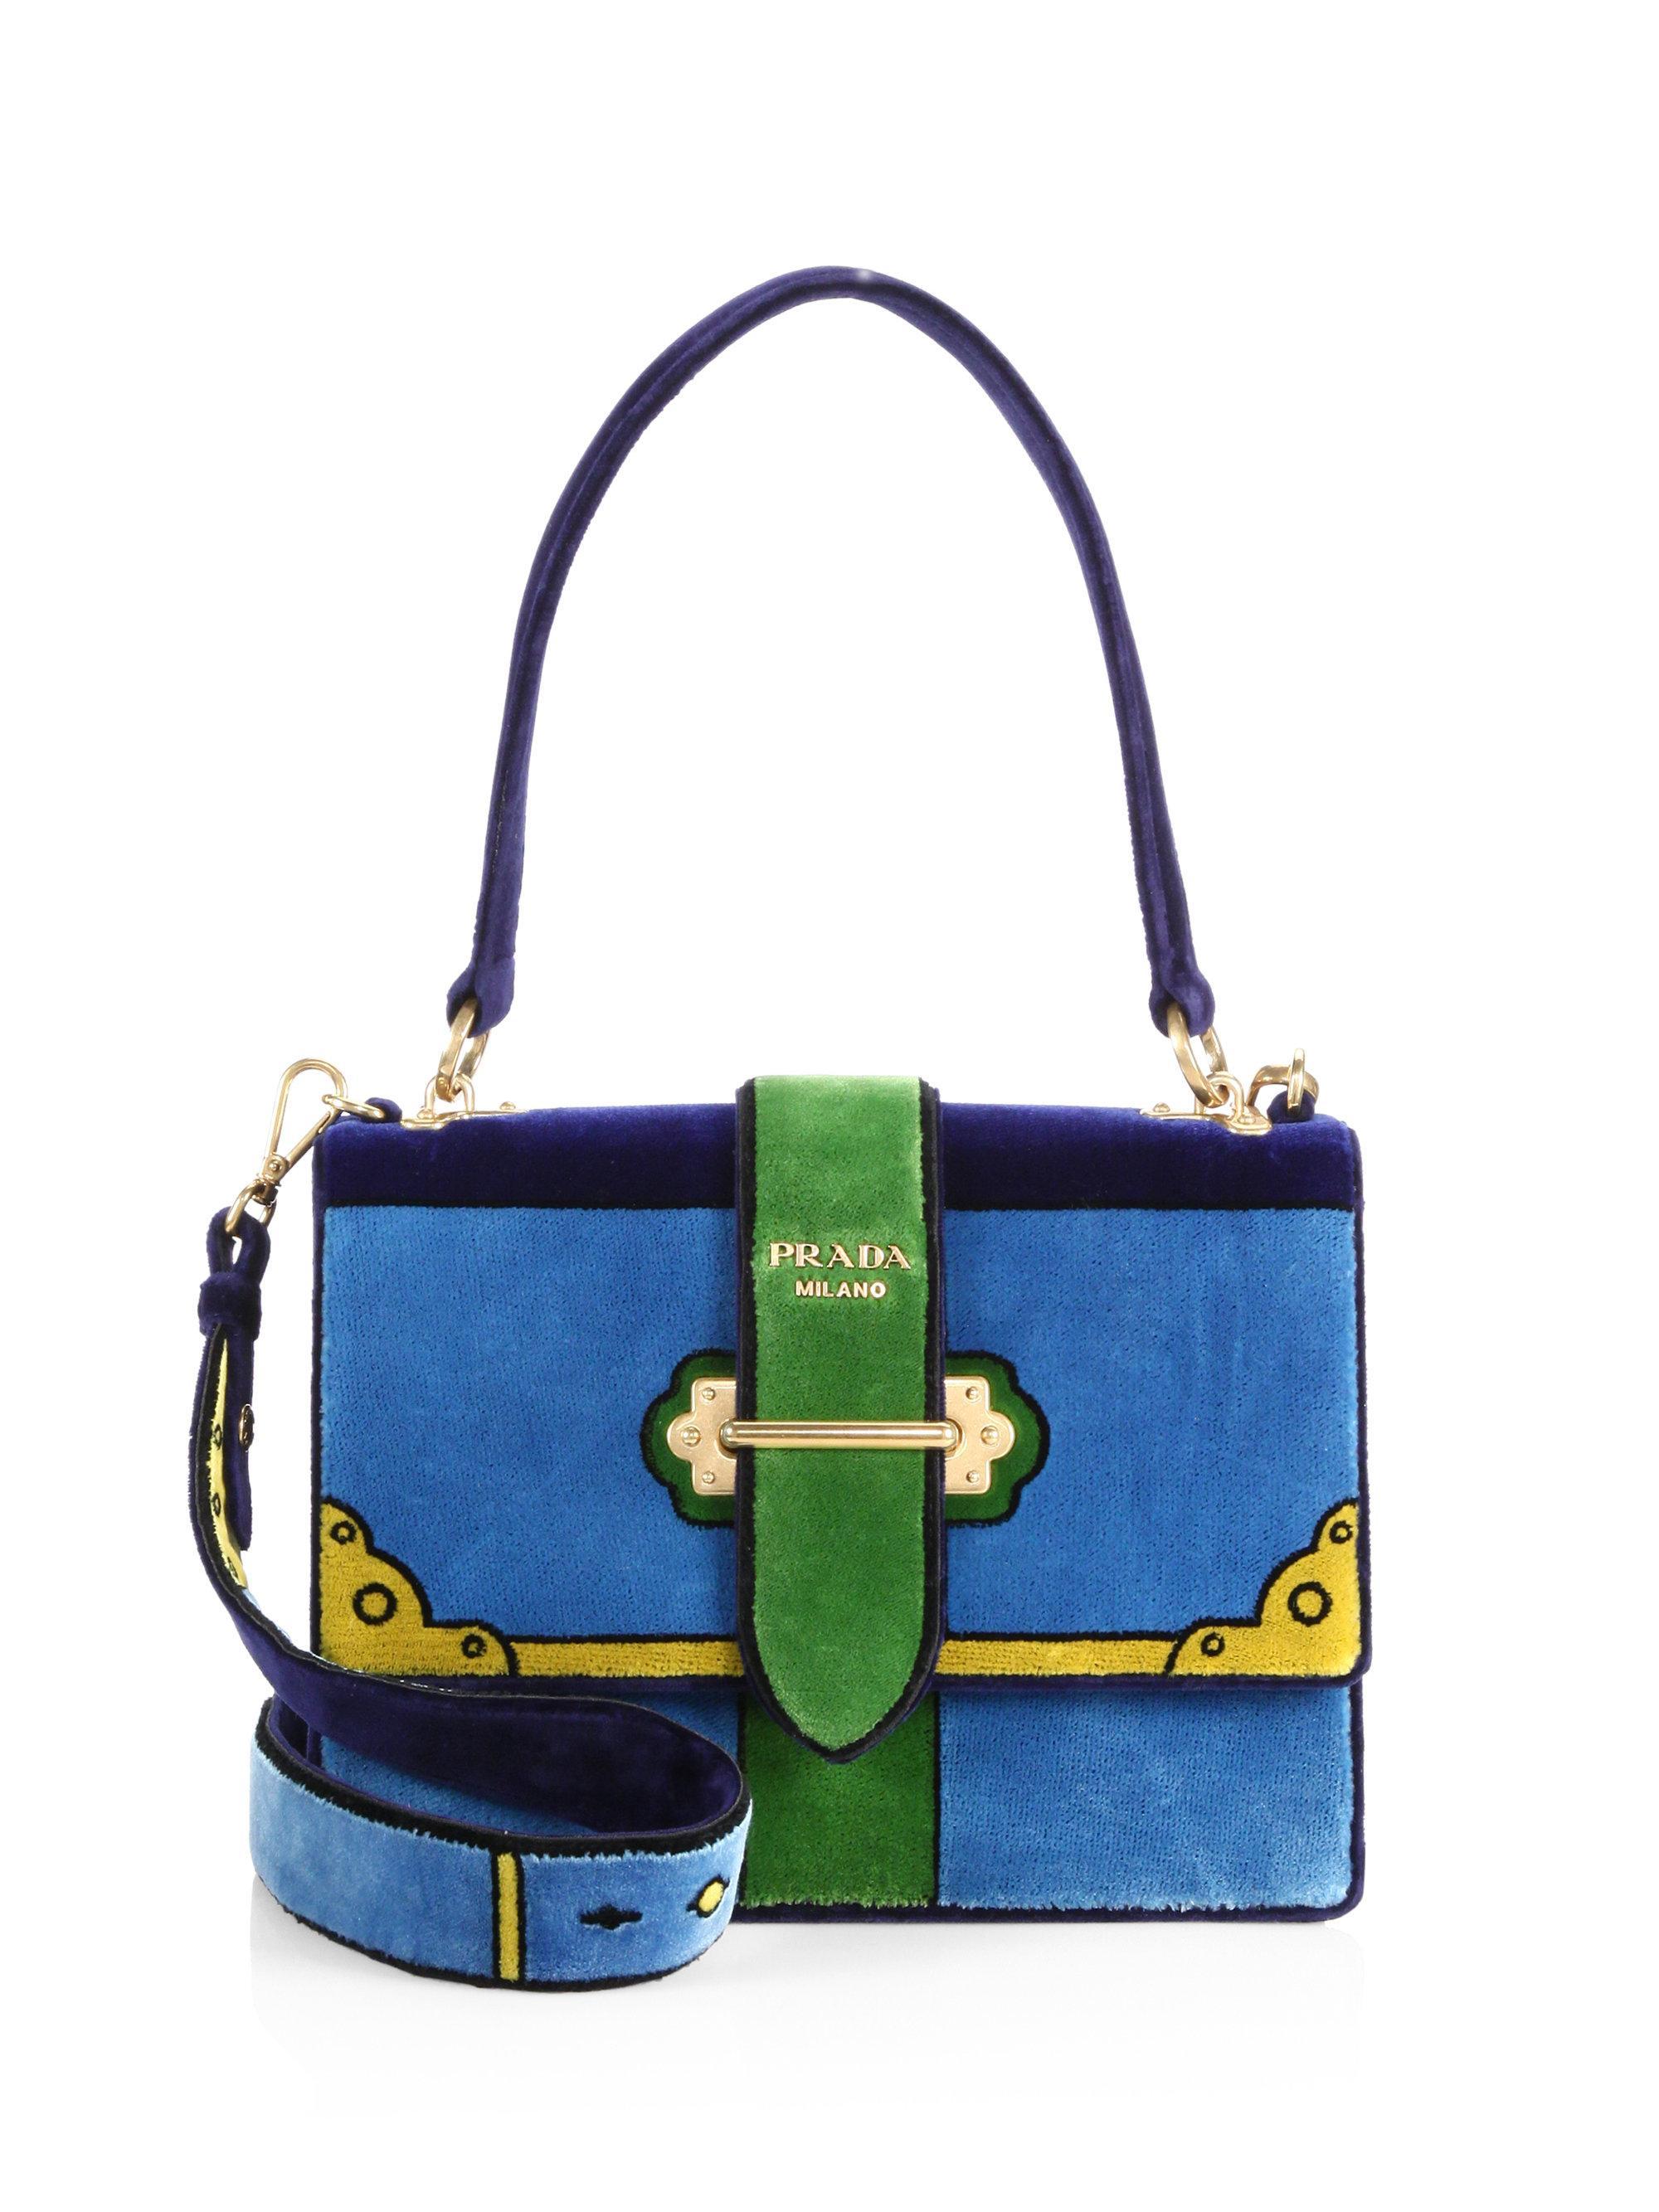 37d373bb1cfe ... best price lyst prada cahier colorblock velvet handbag in blue a06d5  e4413